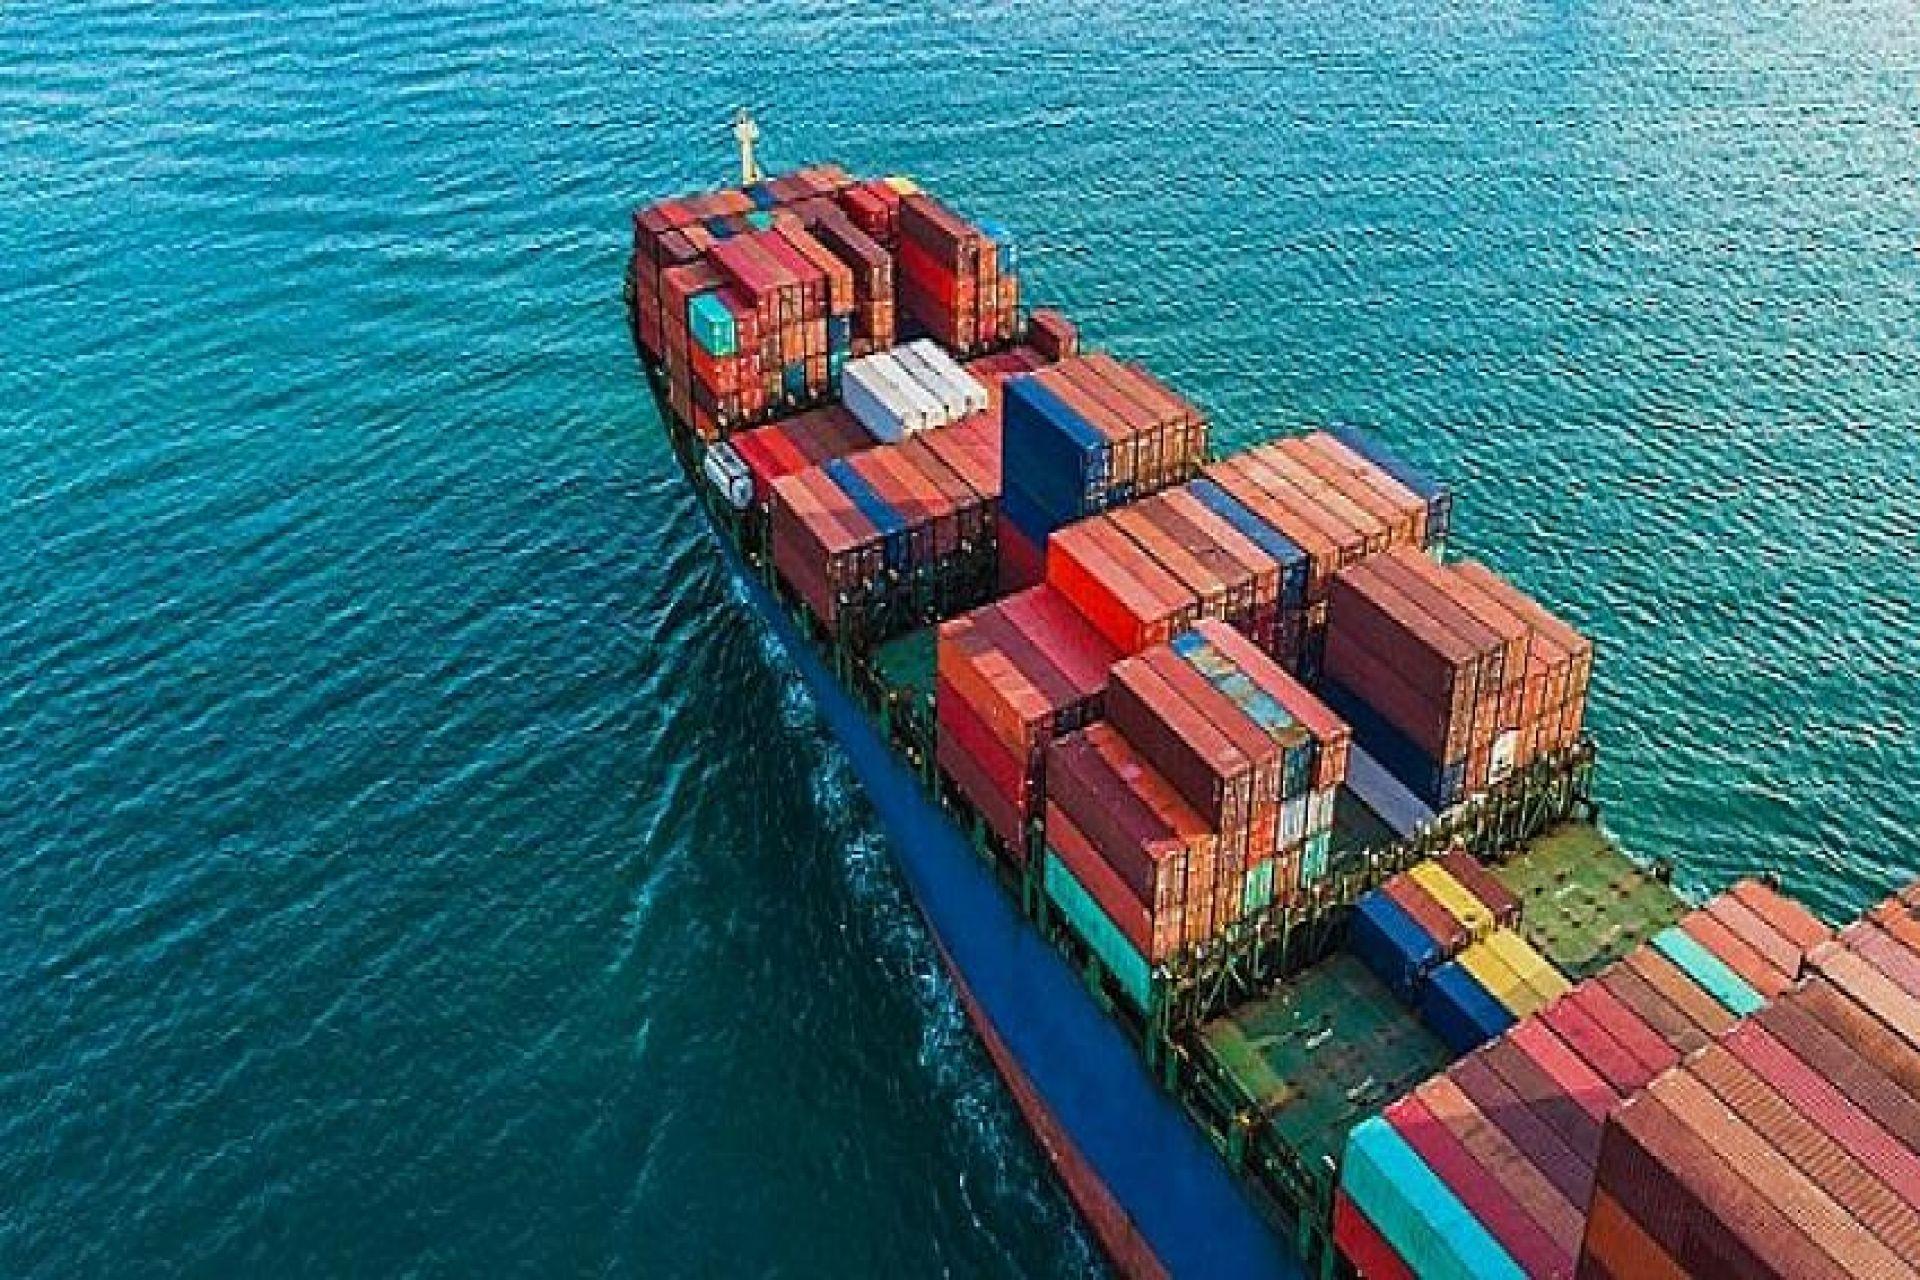 2021-ci ildə dəniz daşınması strateji önəmdə olacaq